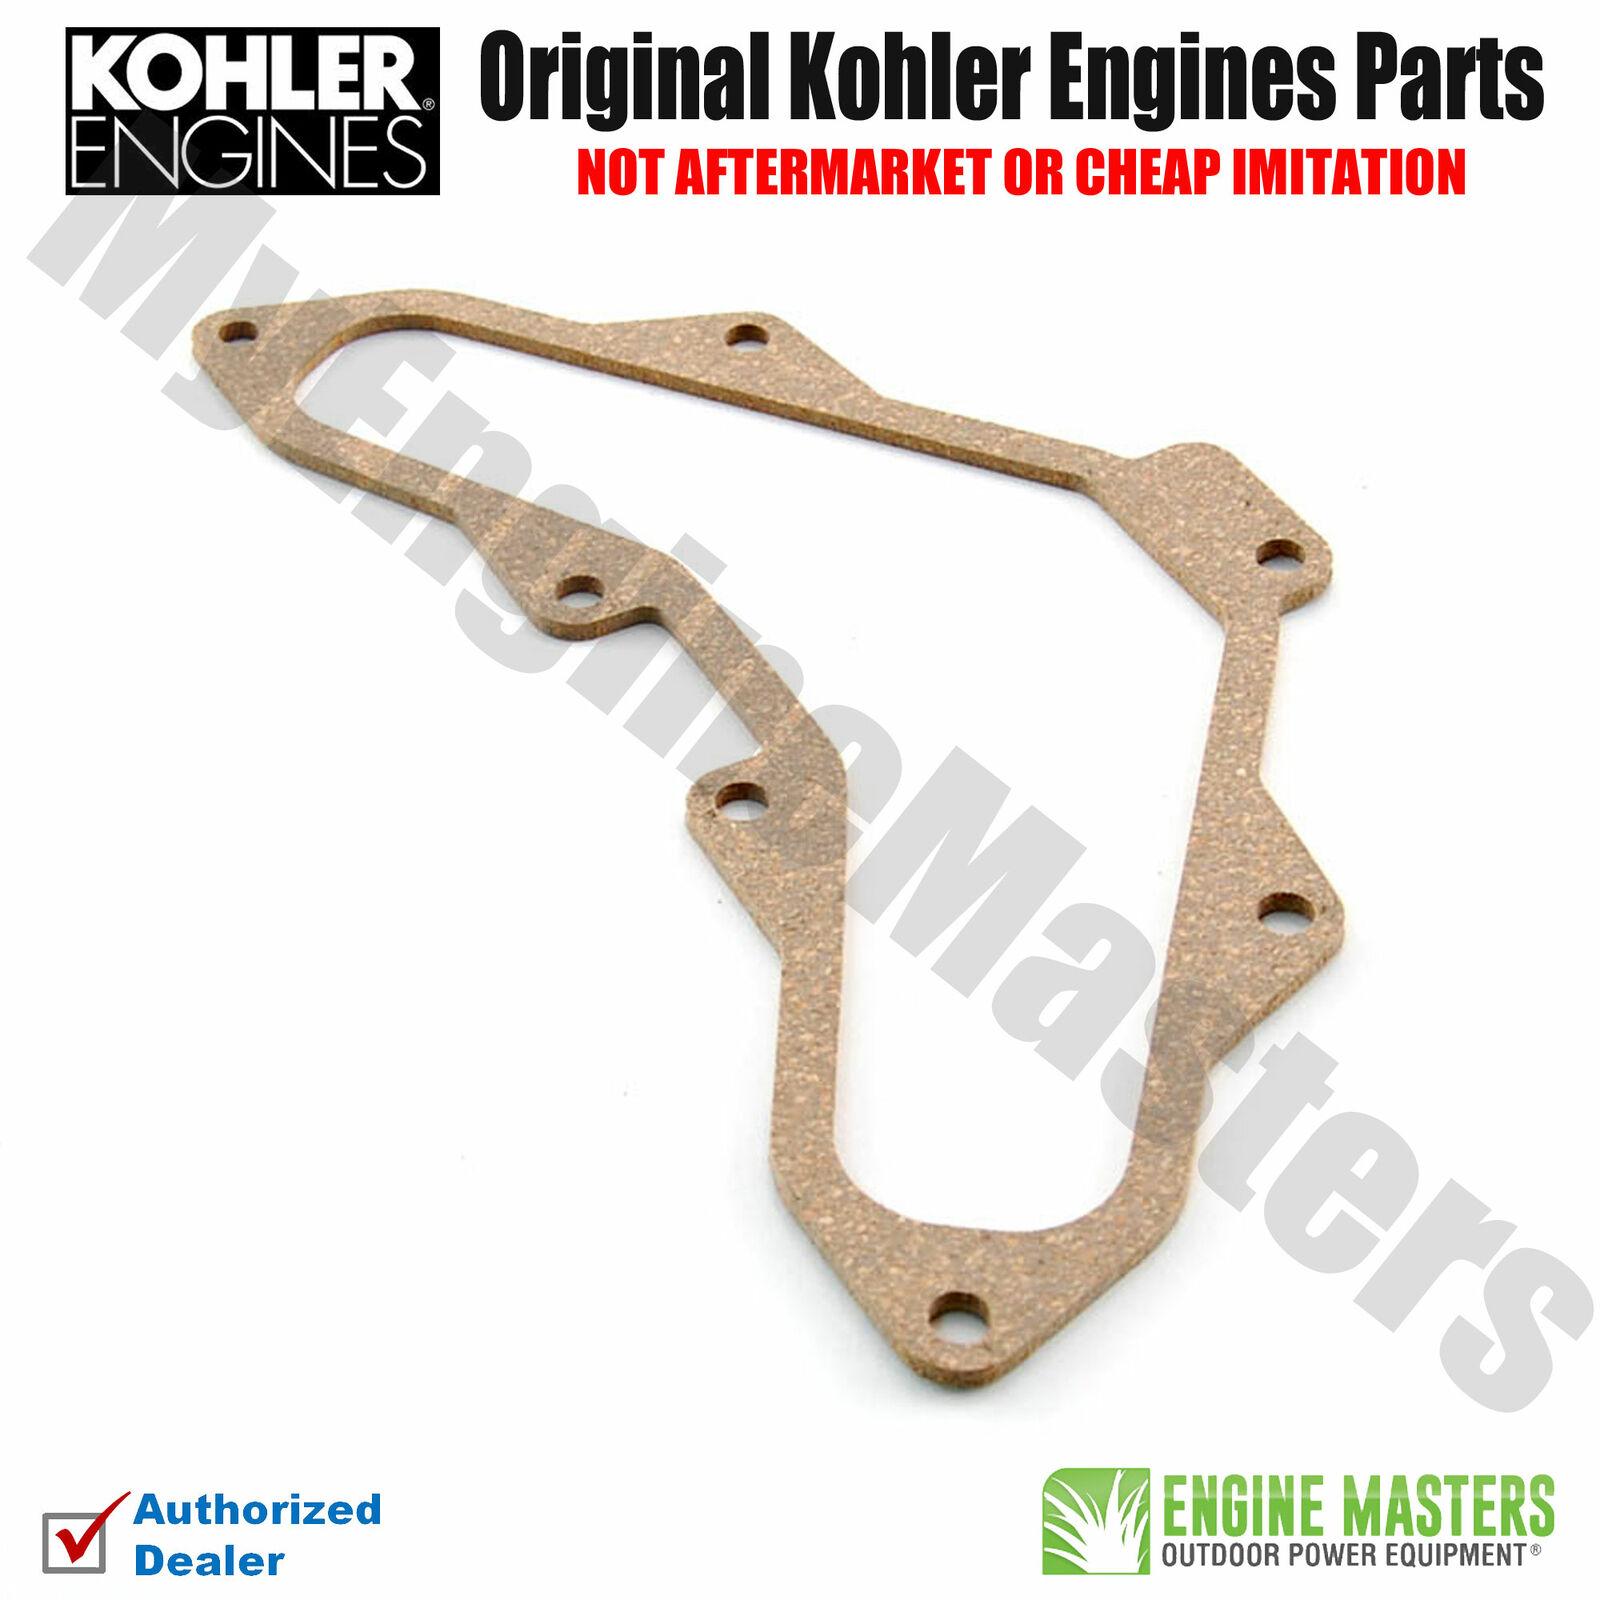 Kohler KH-20-041-13-S Valve Cover Gasket MTD Cub Cadet i1042 i1046 RZT42 LT1040